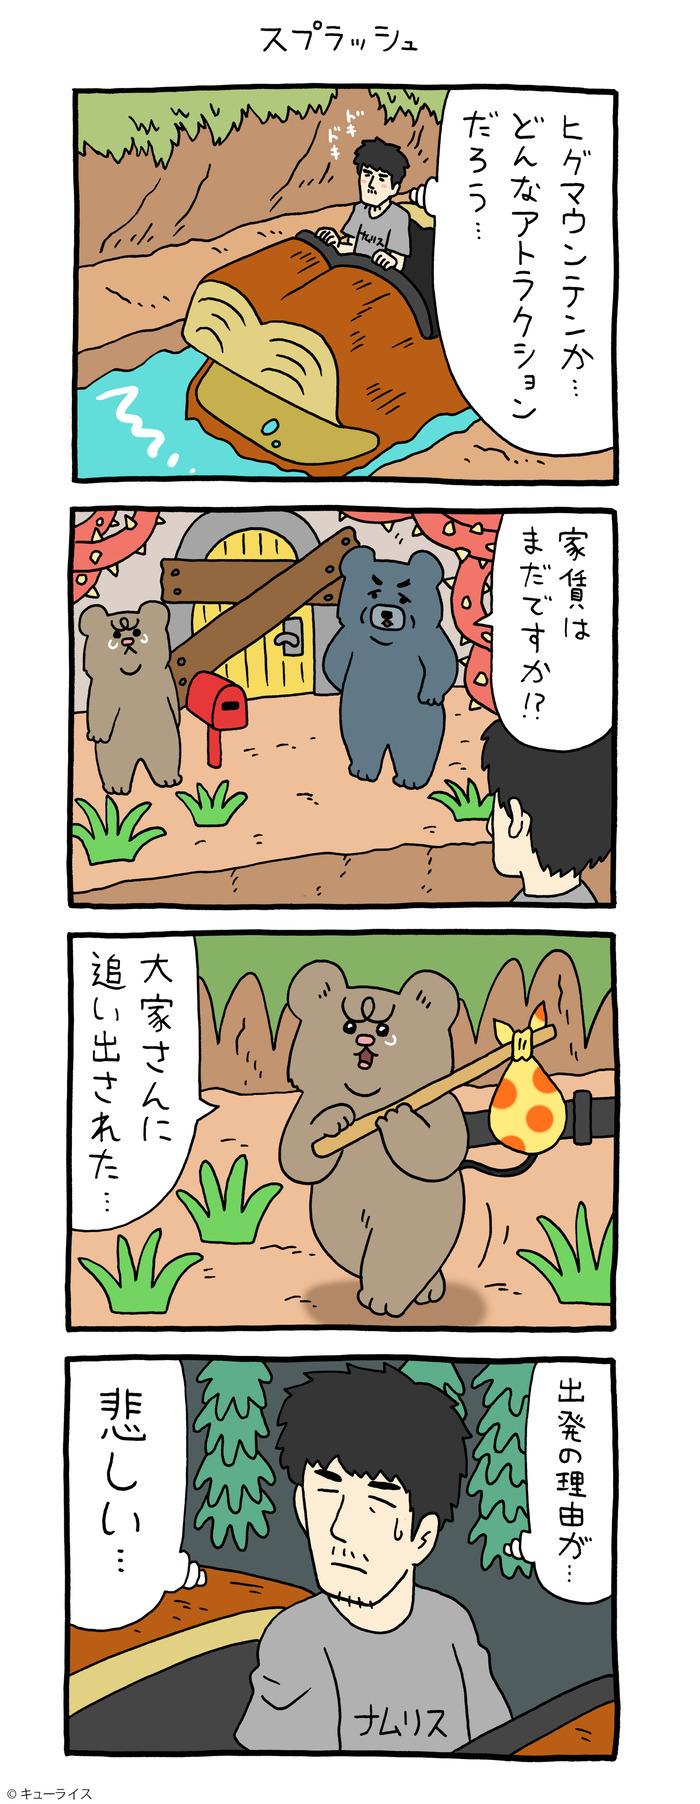 悲熊 ヒグマウンテン1 のコピー